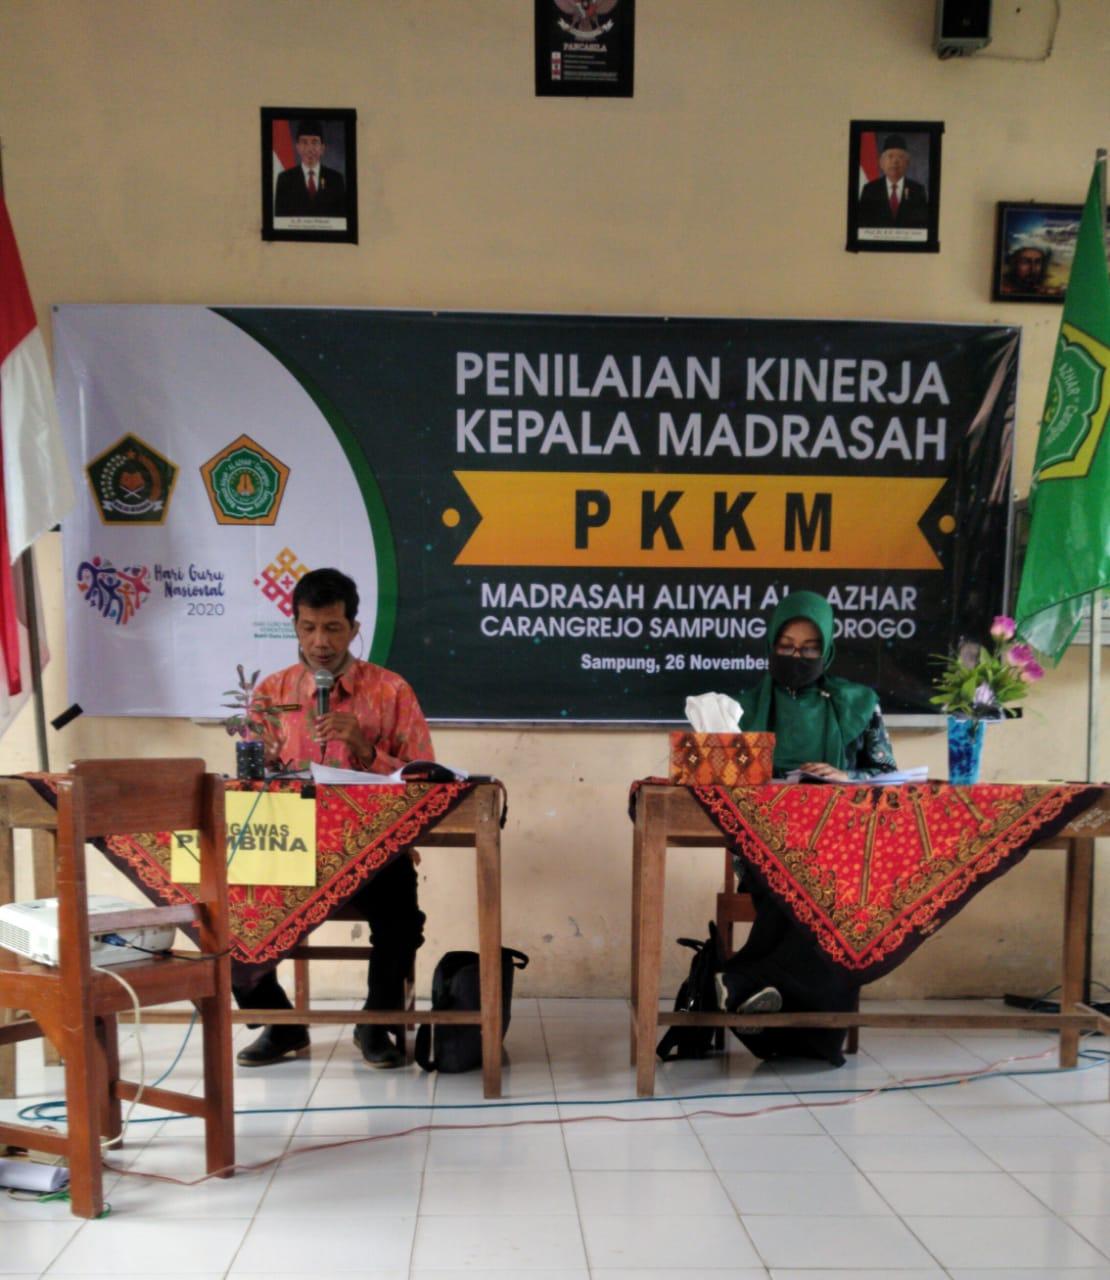 Pengawas Pembina Kemenag Ponorogo tengah melakukan verifikasi PKKM di MA Maarif AlAzhar Carangrejo (26-11)